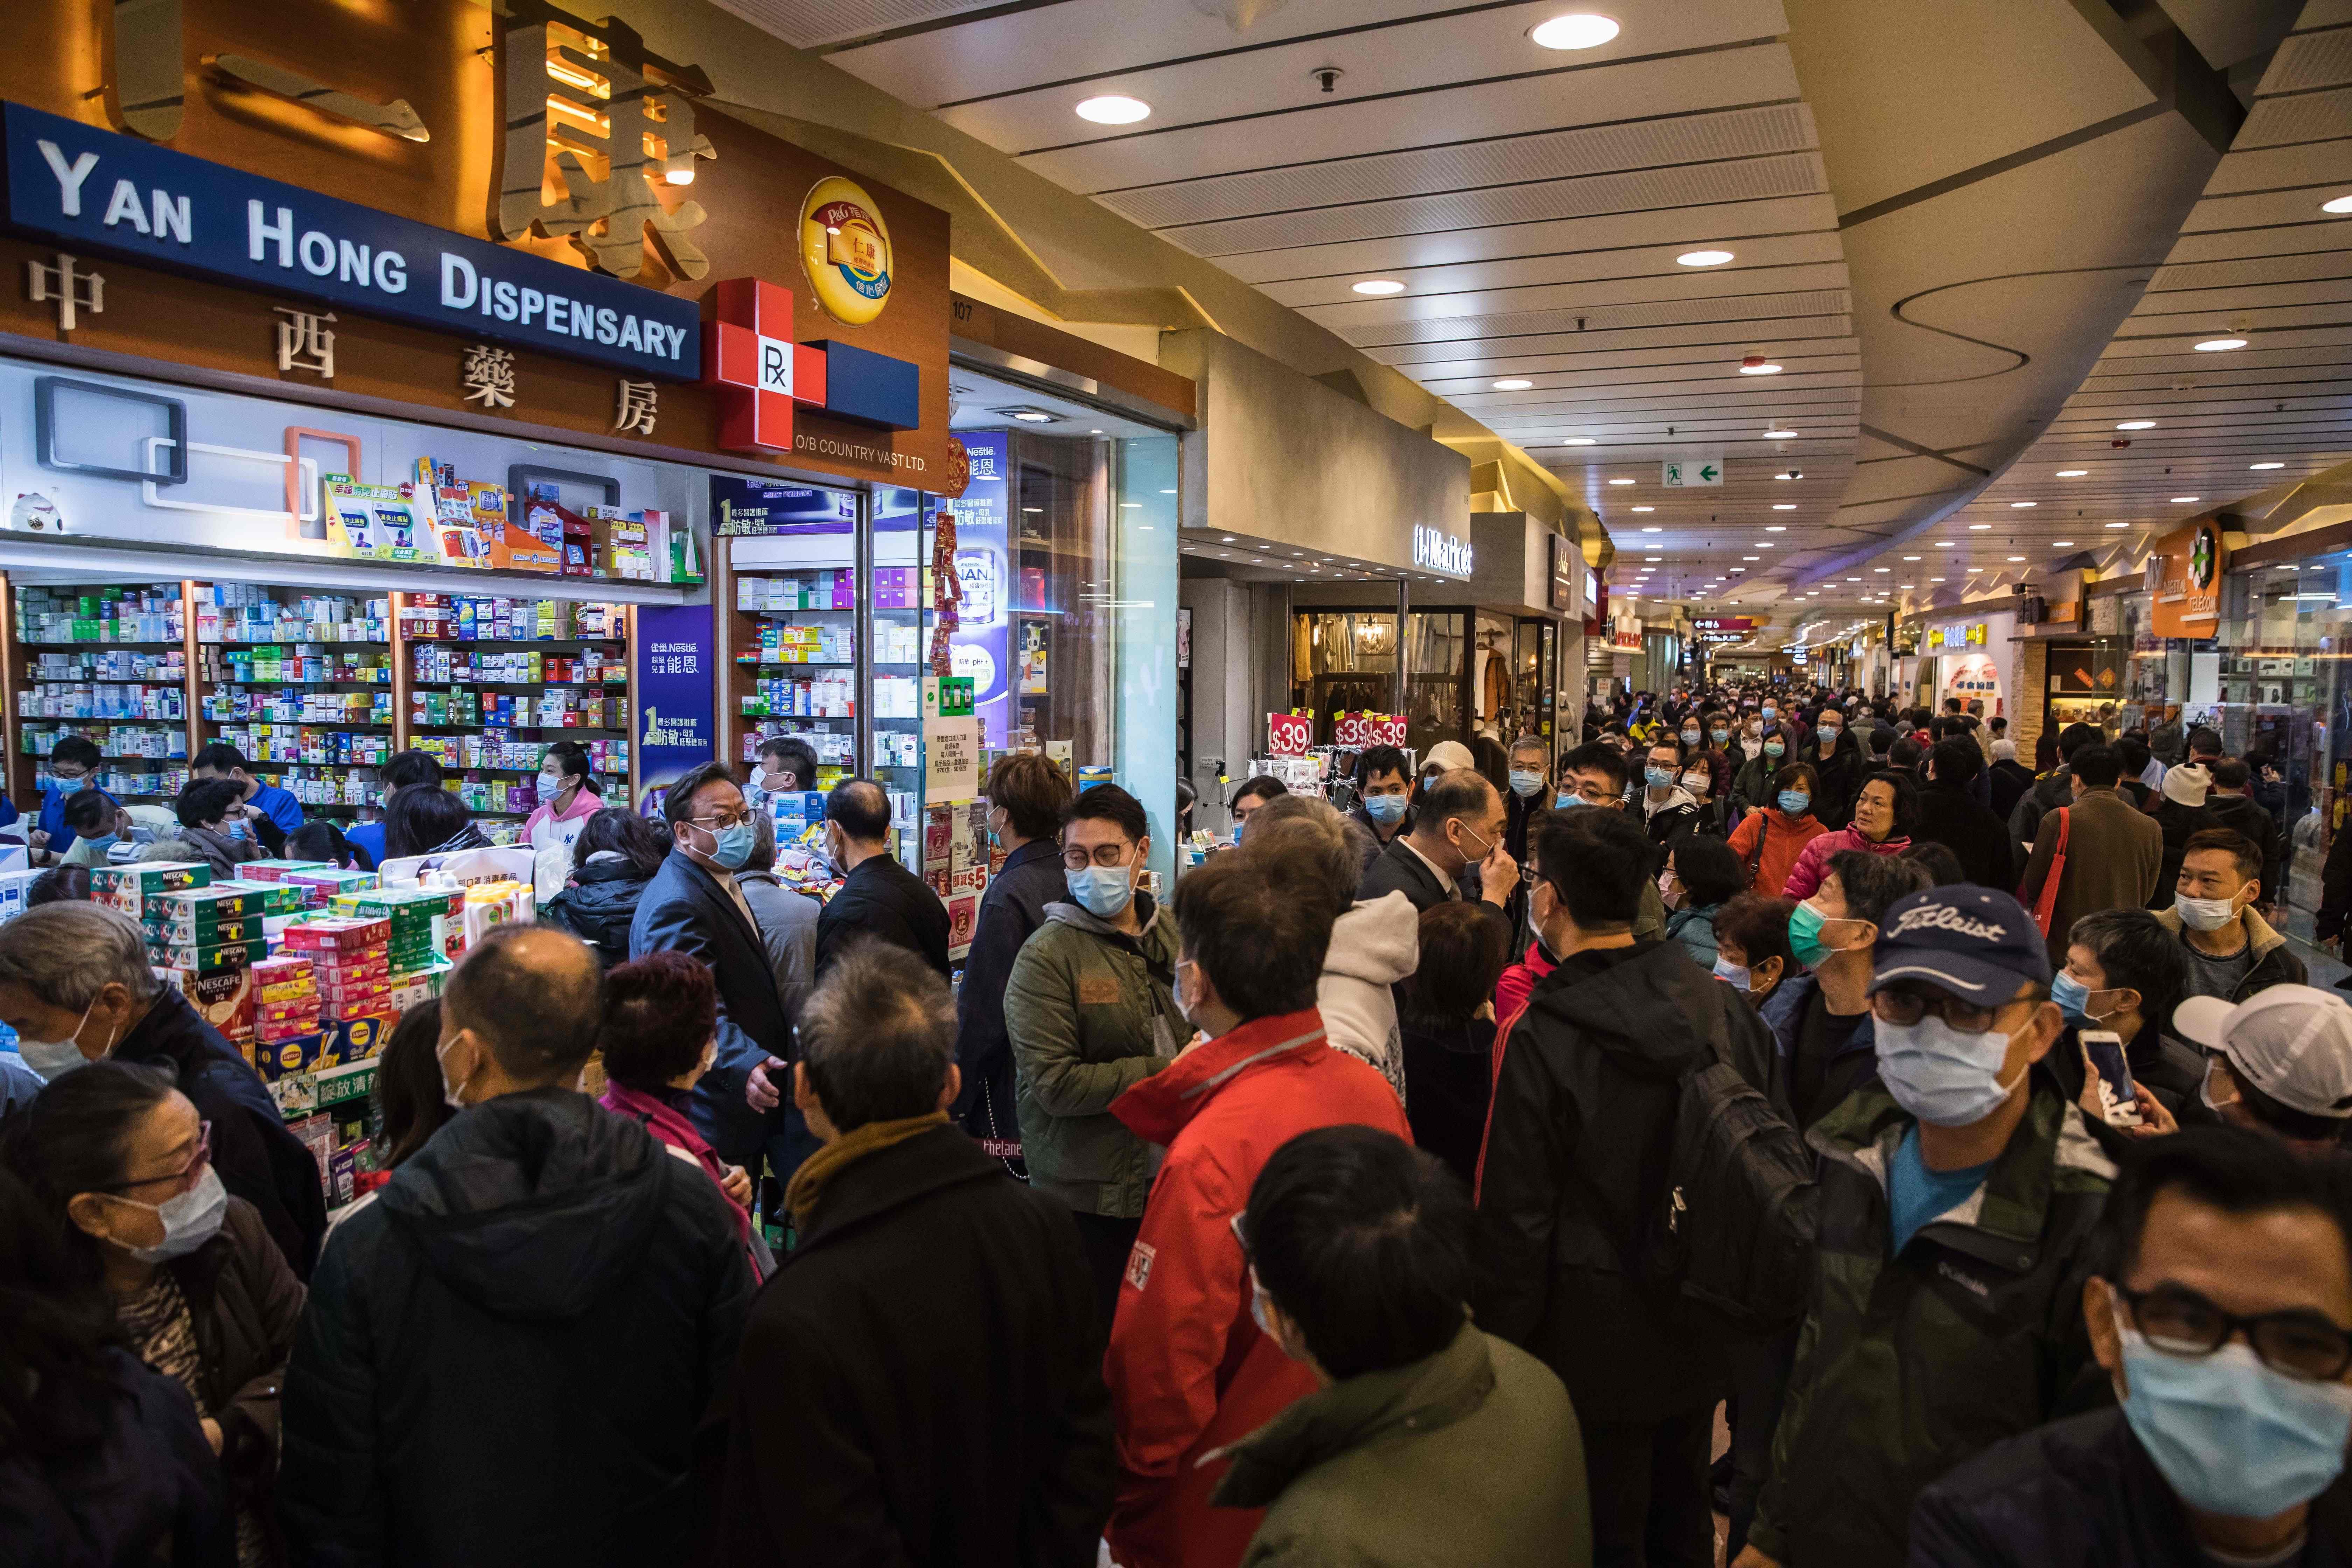 香港有些商店外傳出有民眾排了許久的隊卻買不到,不滿店家販售分配方式,導致現場一度出現混亂。法新社